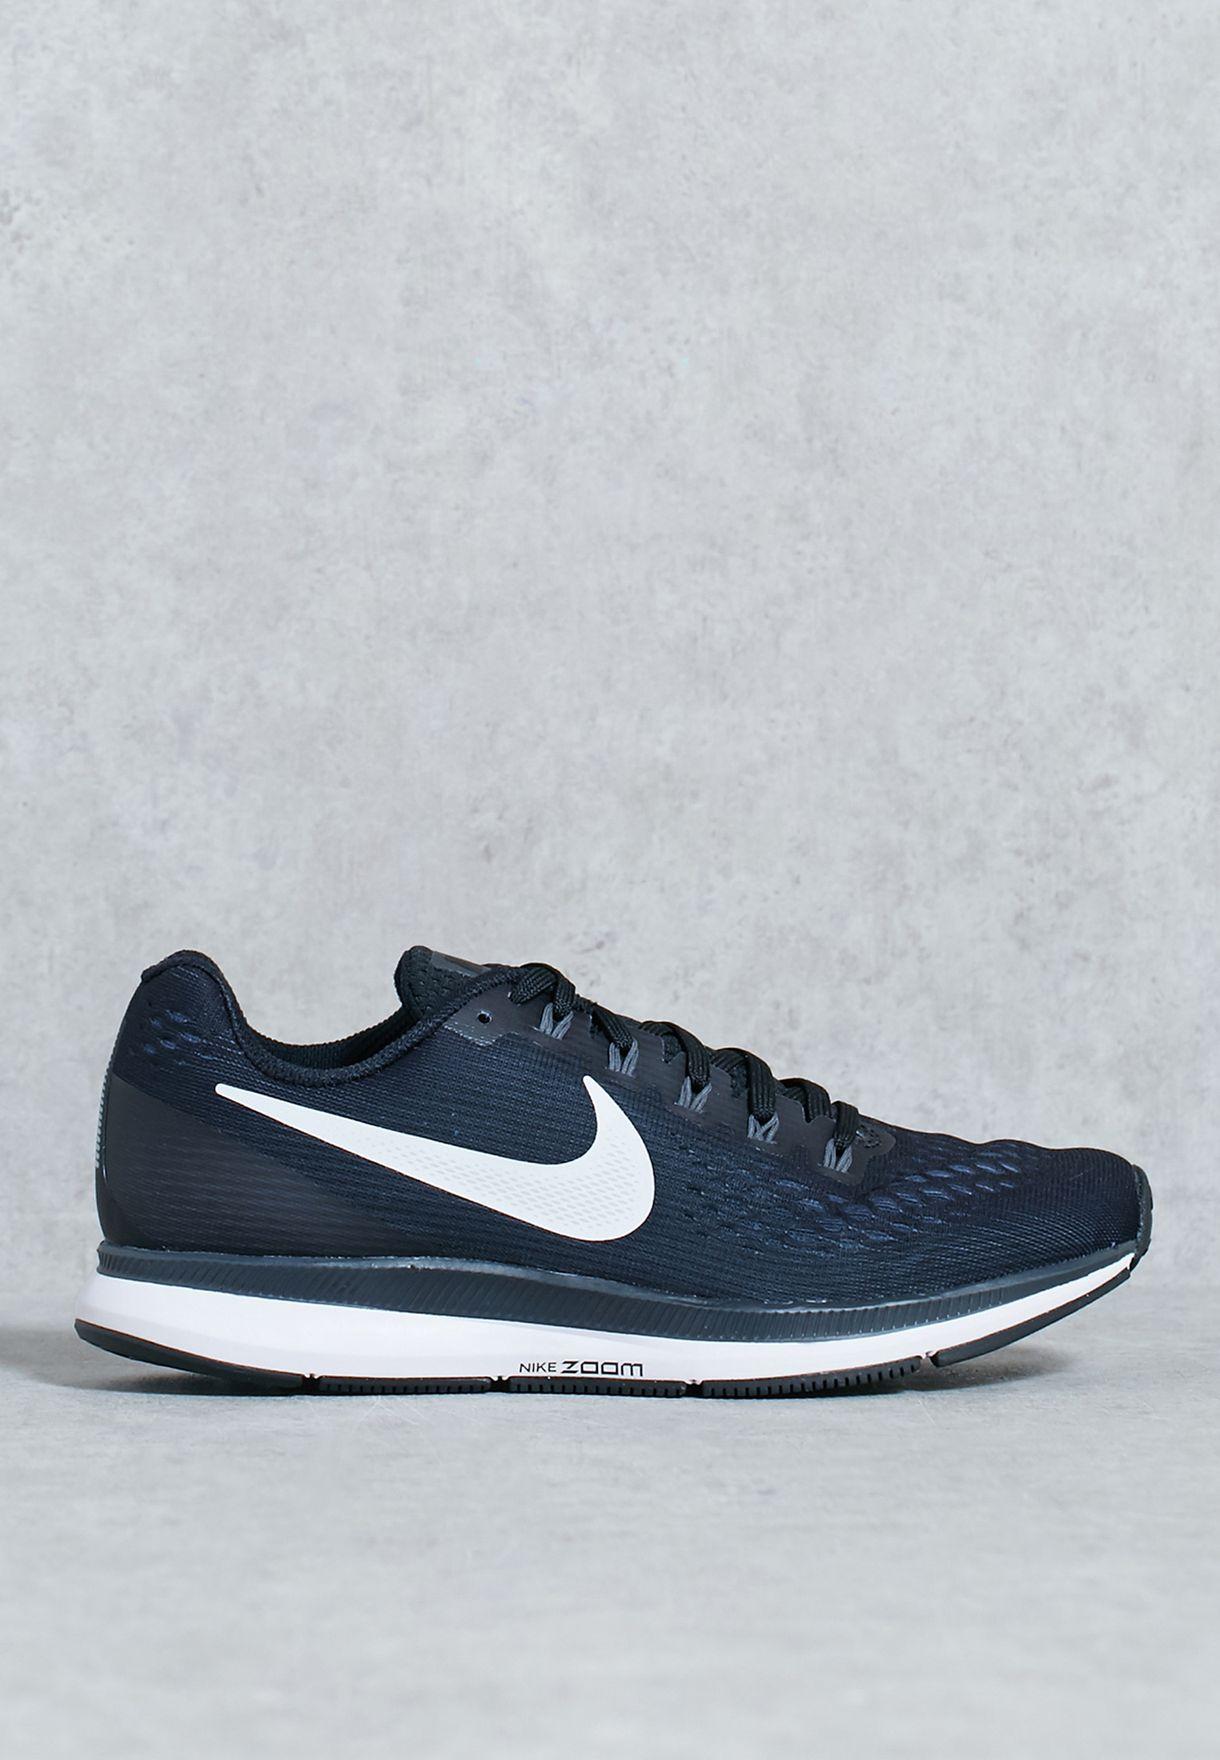 reputable site 86473 dce86 Shop Nike black Air Zoom Pegasus 34 880560-001 for Women in Bahrain -  NI727SH01NKK